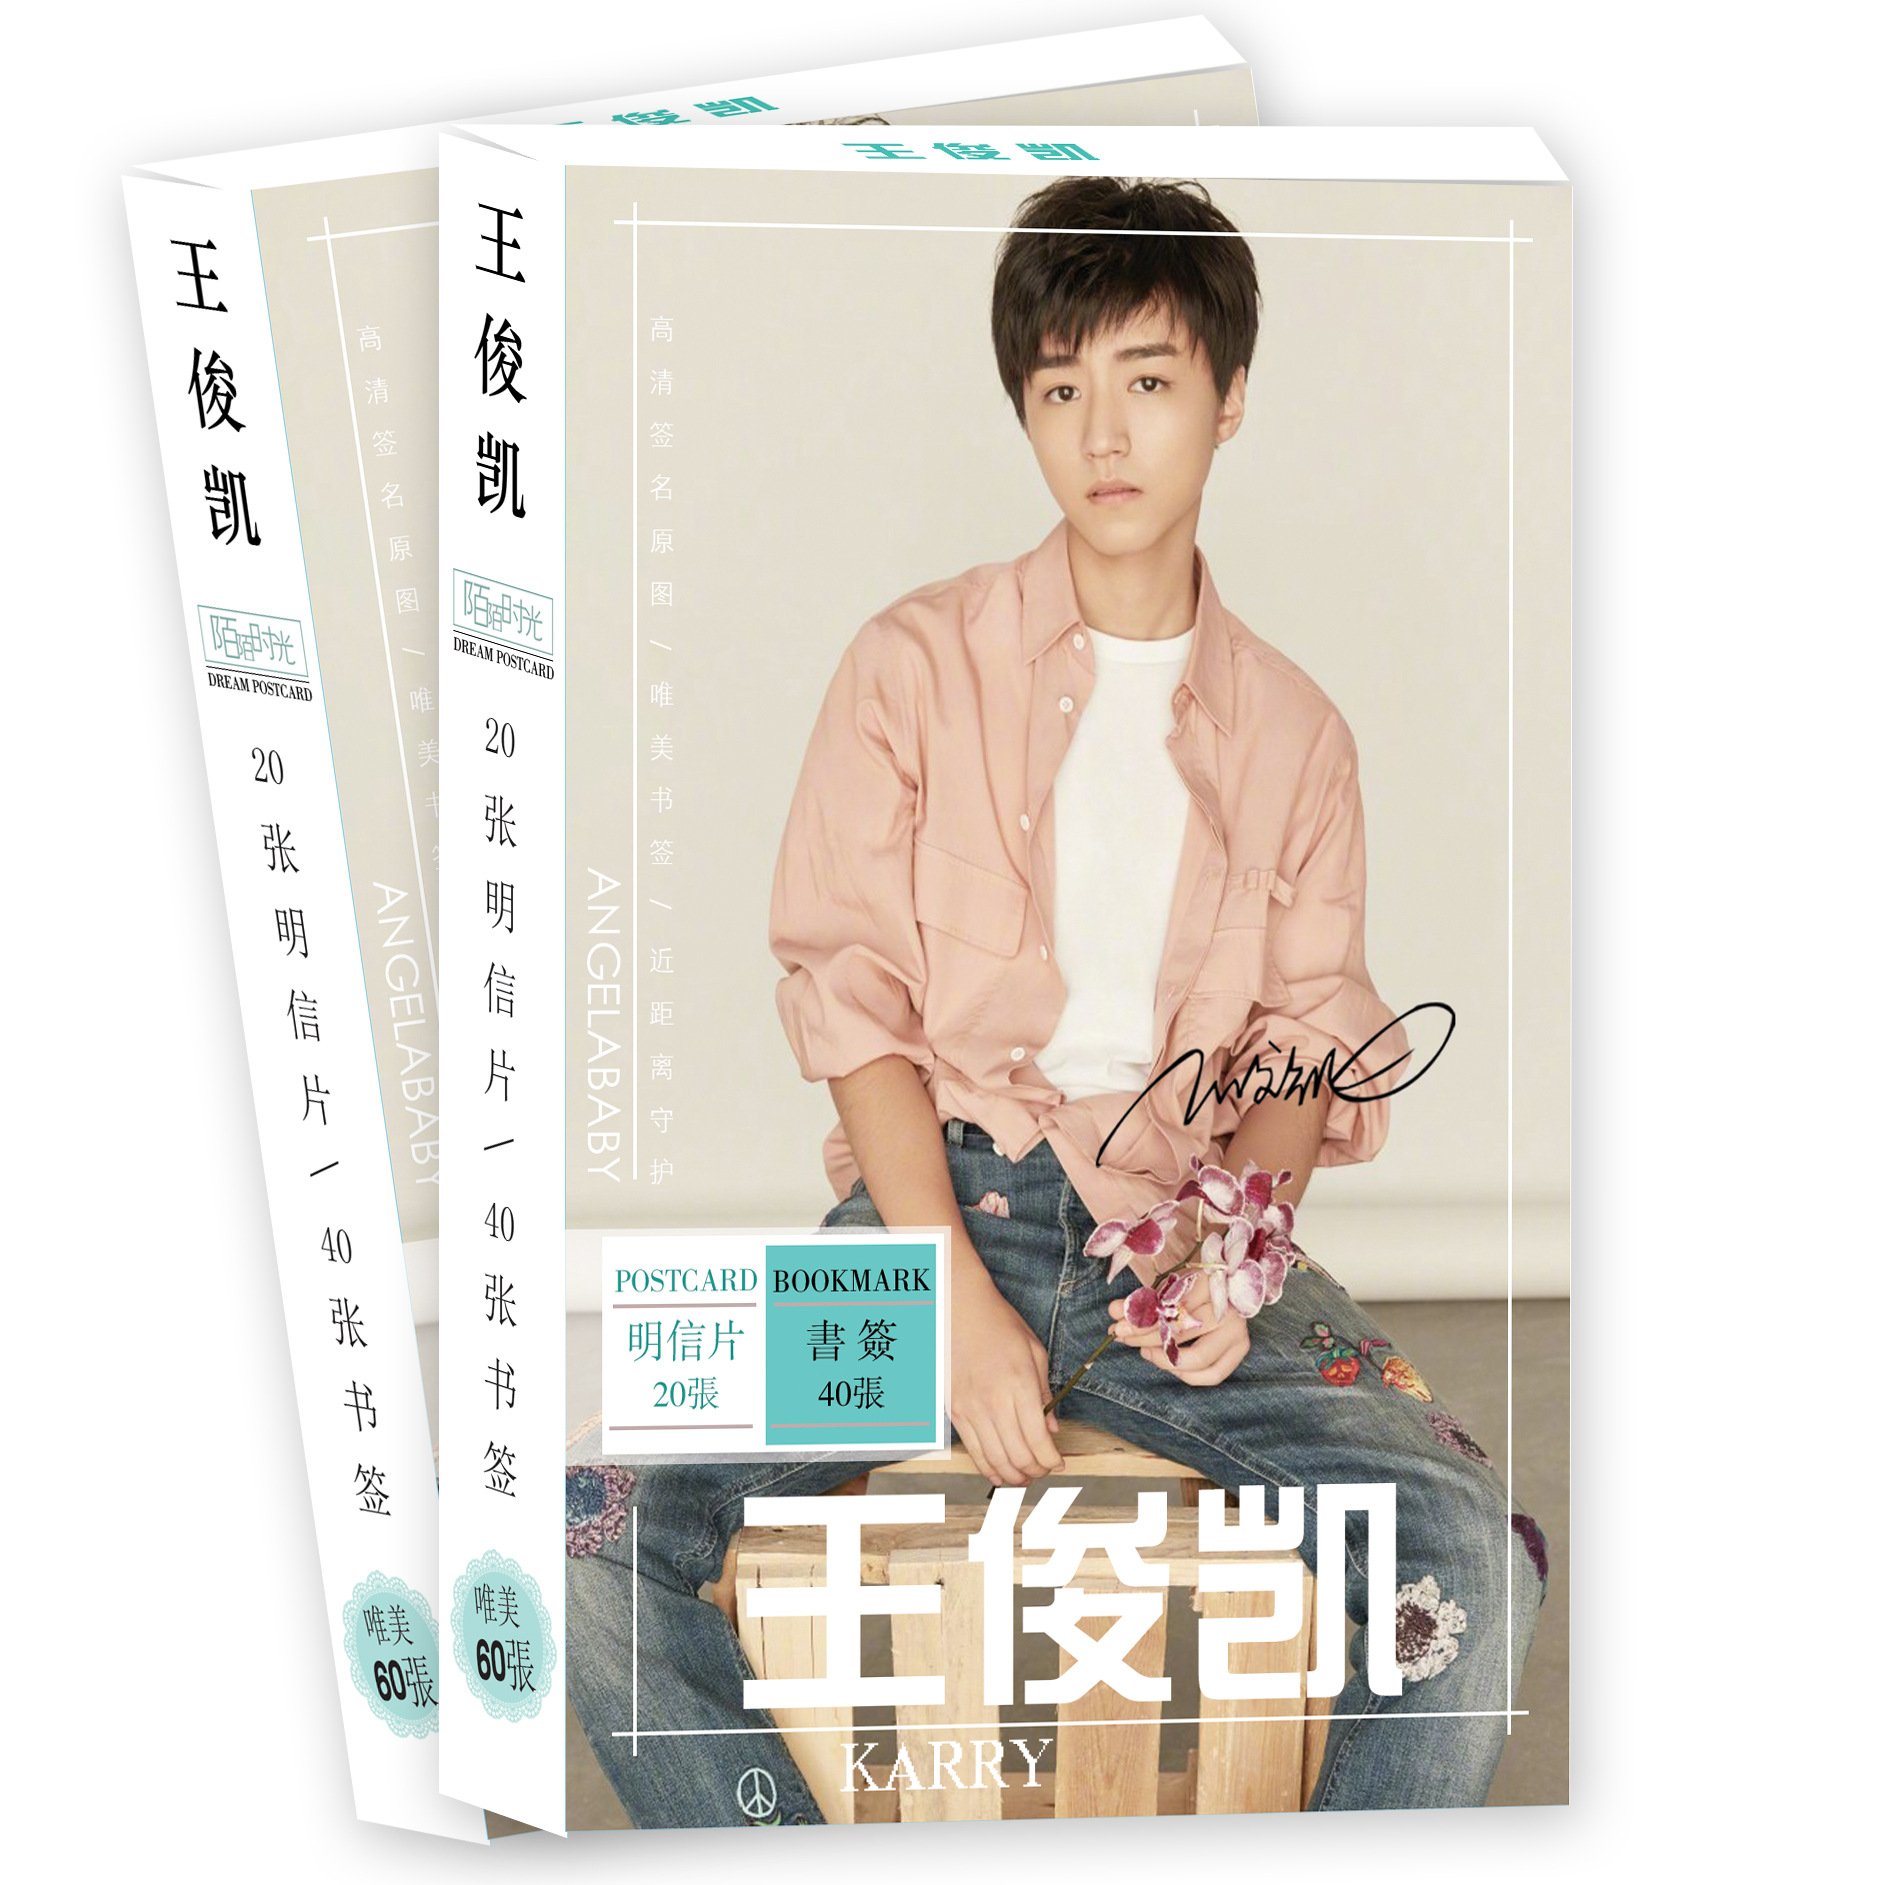 王俊凯明信片书签合装款 明星周边明信片书签60张套装精美盒装